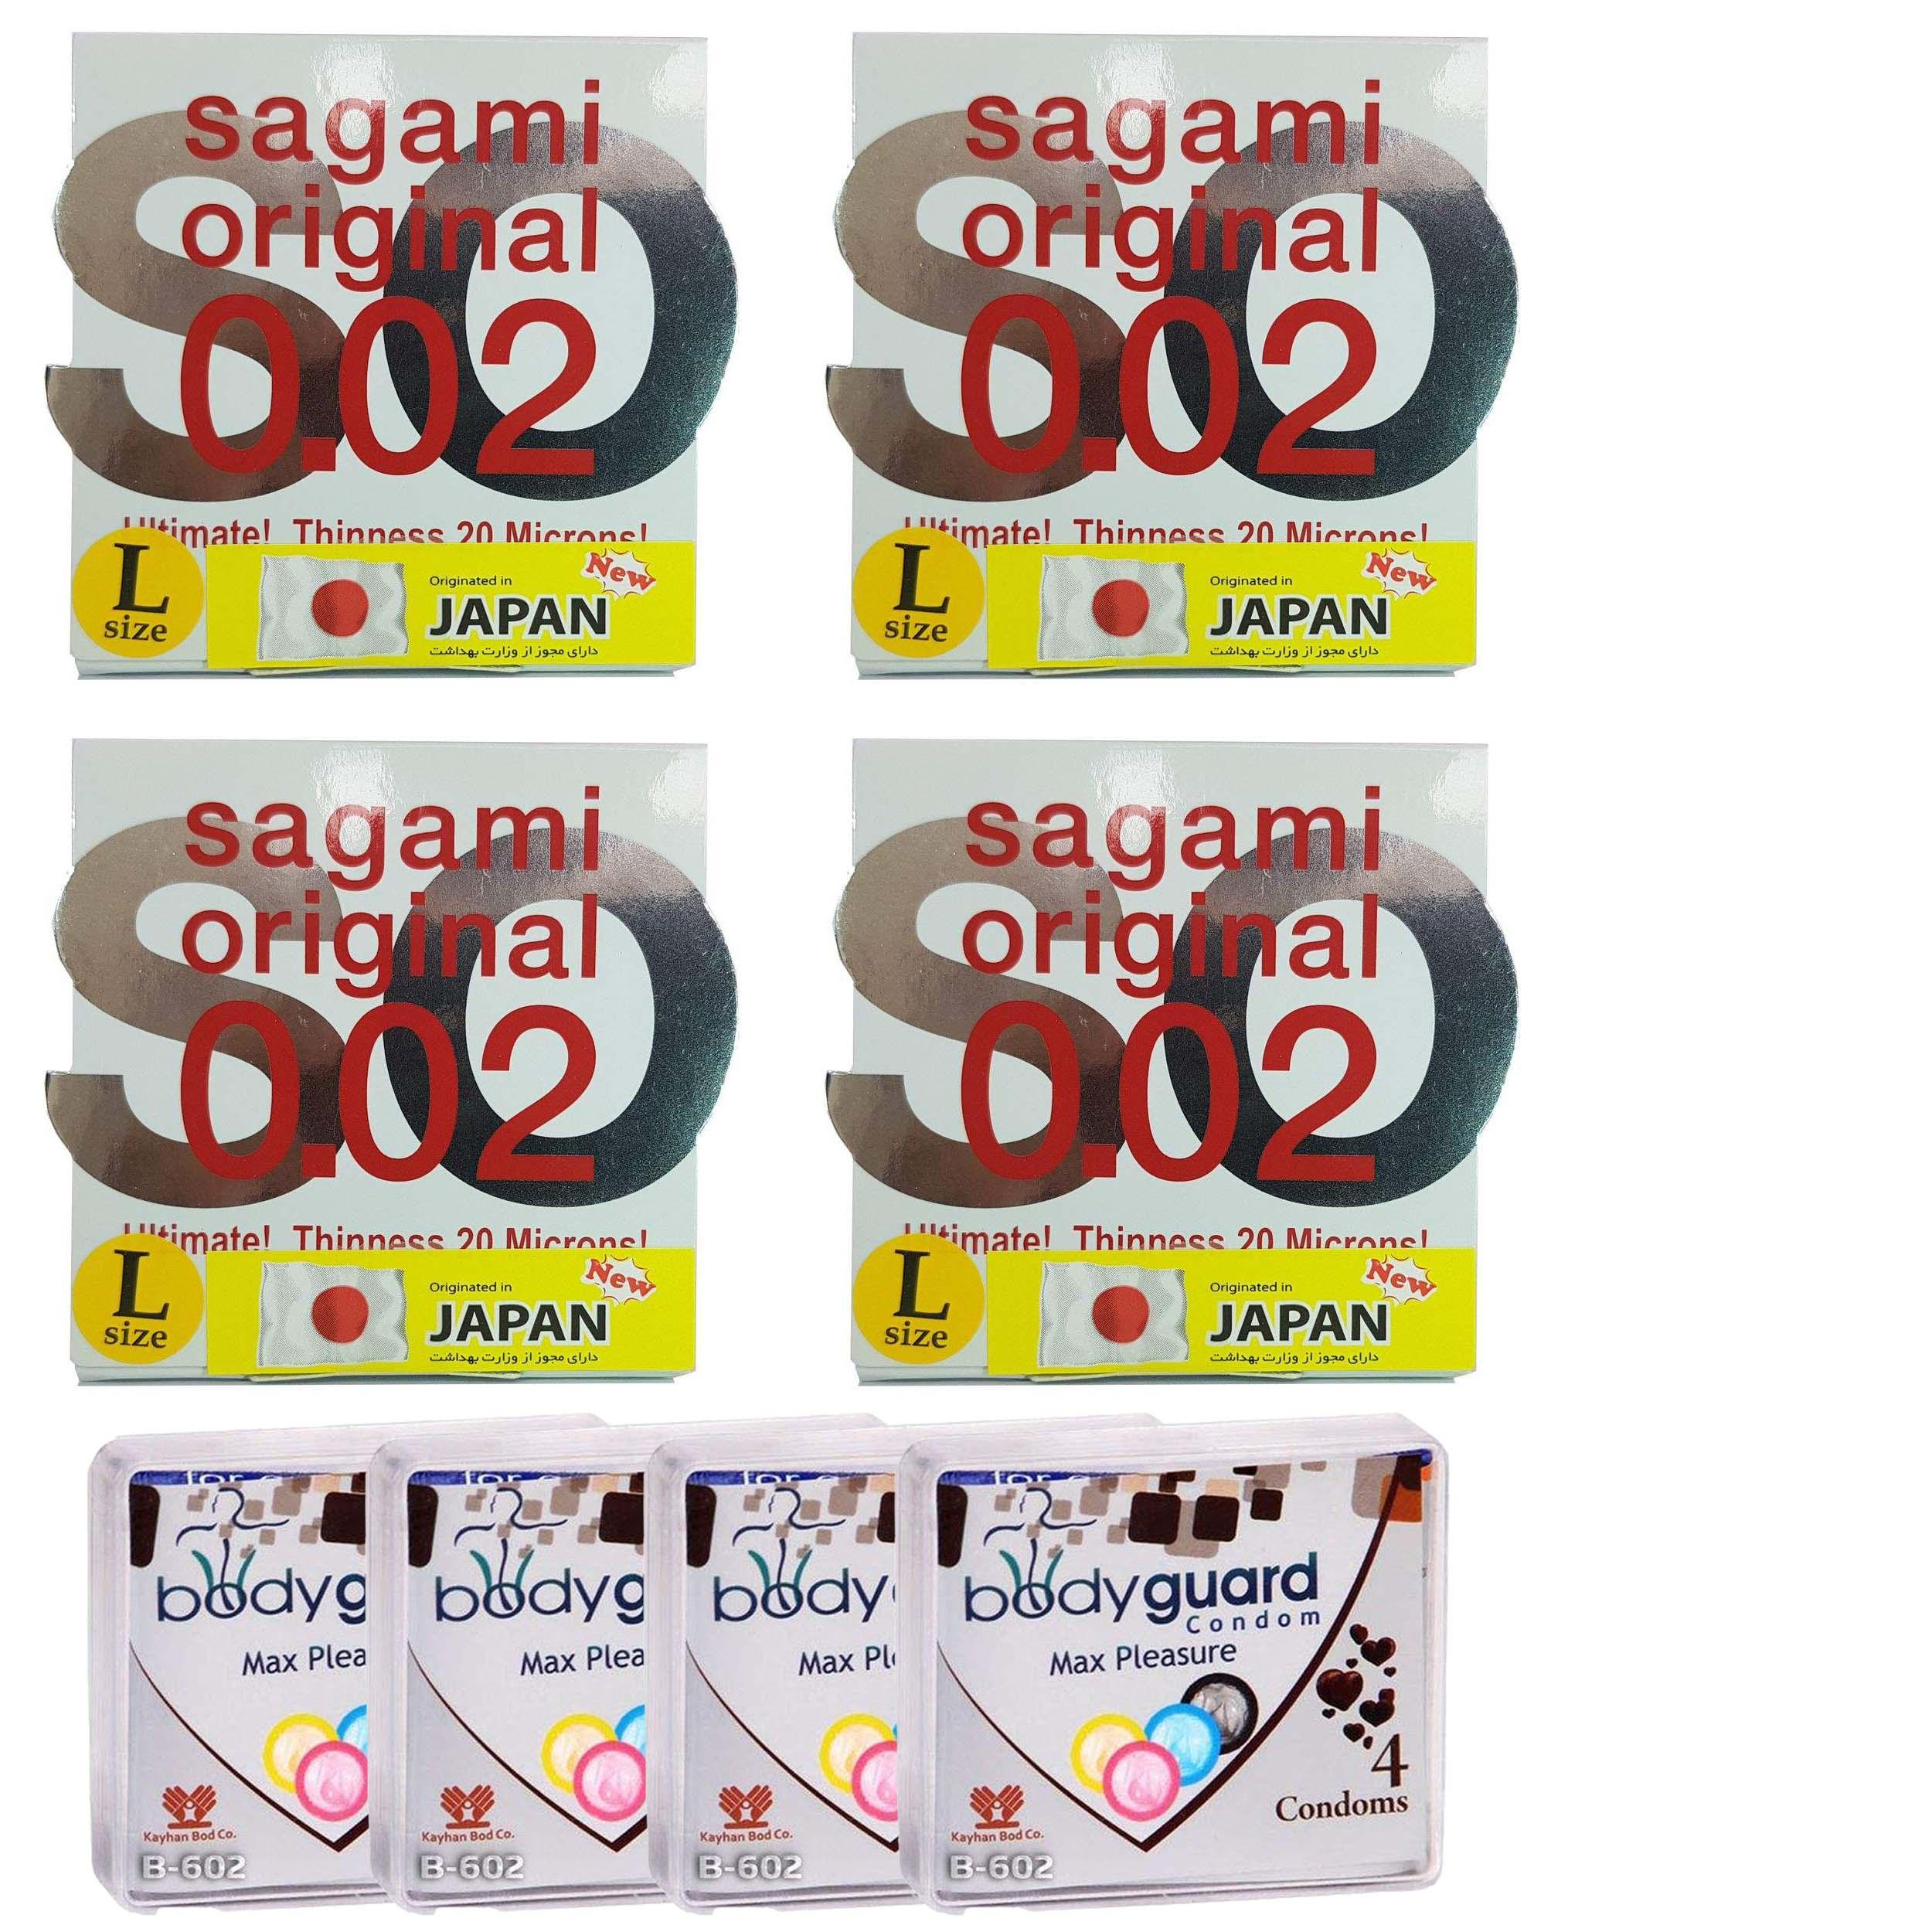 کاندوم ساگامی مدل لارج مجموعه 4 عددی به همراه کاندوم بادی گارد مدل مکس پلژر مجموعه 4 عددی